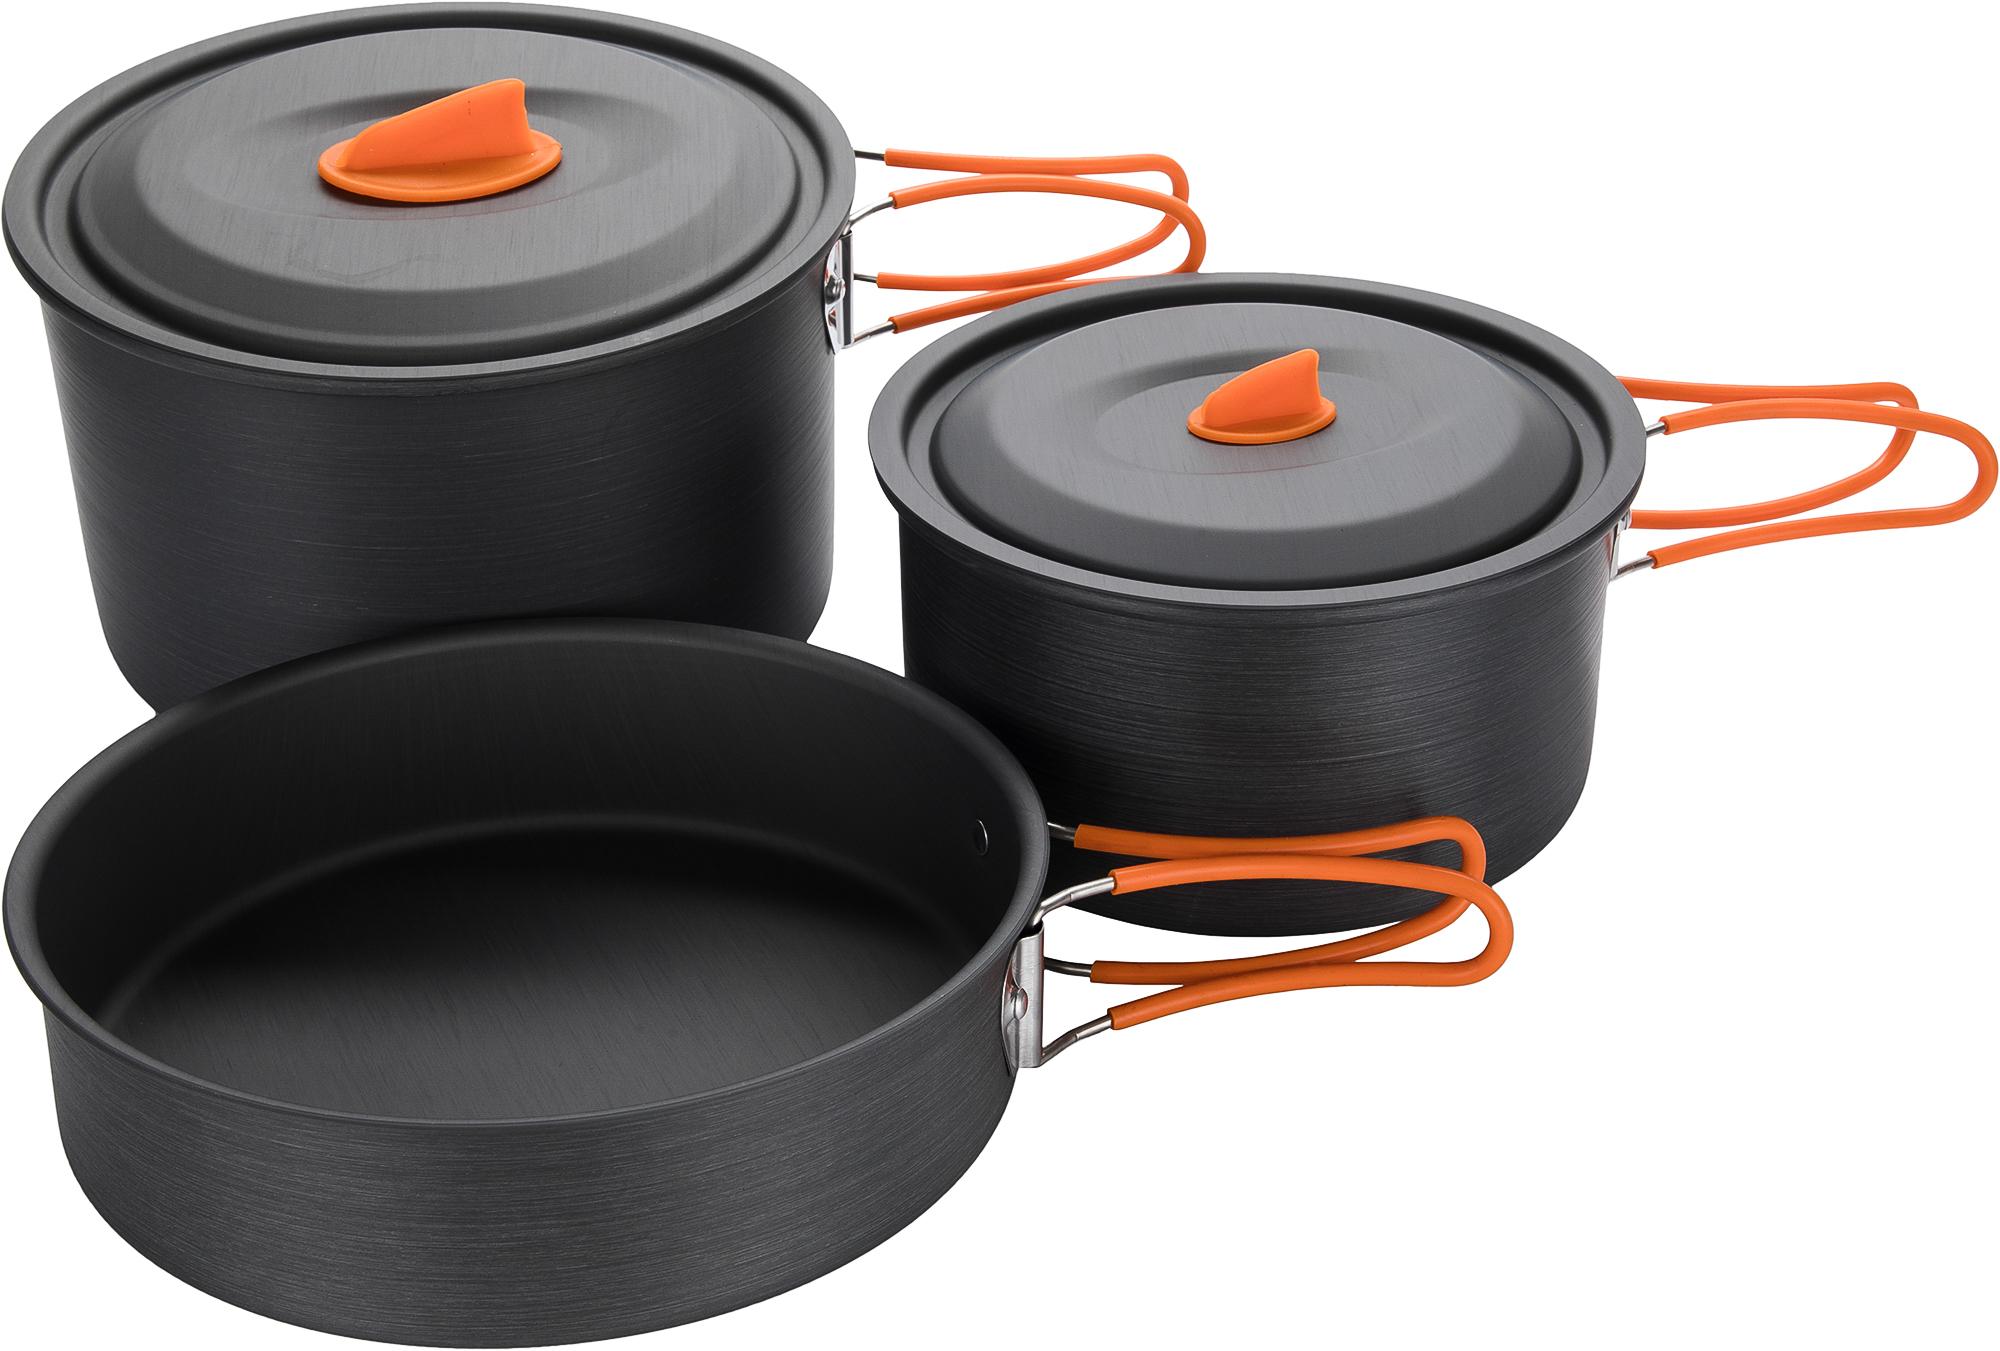 Outventure Набор посуды: 2 кастрюли, сковорода